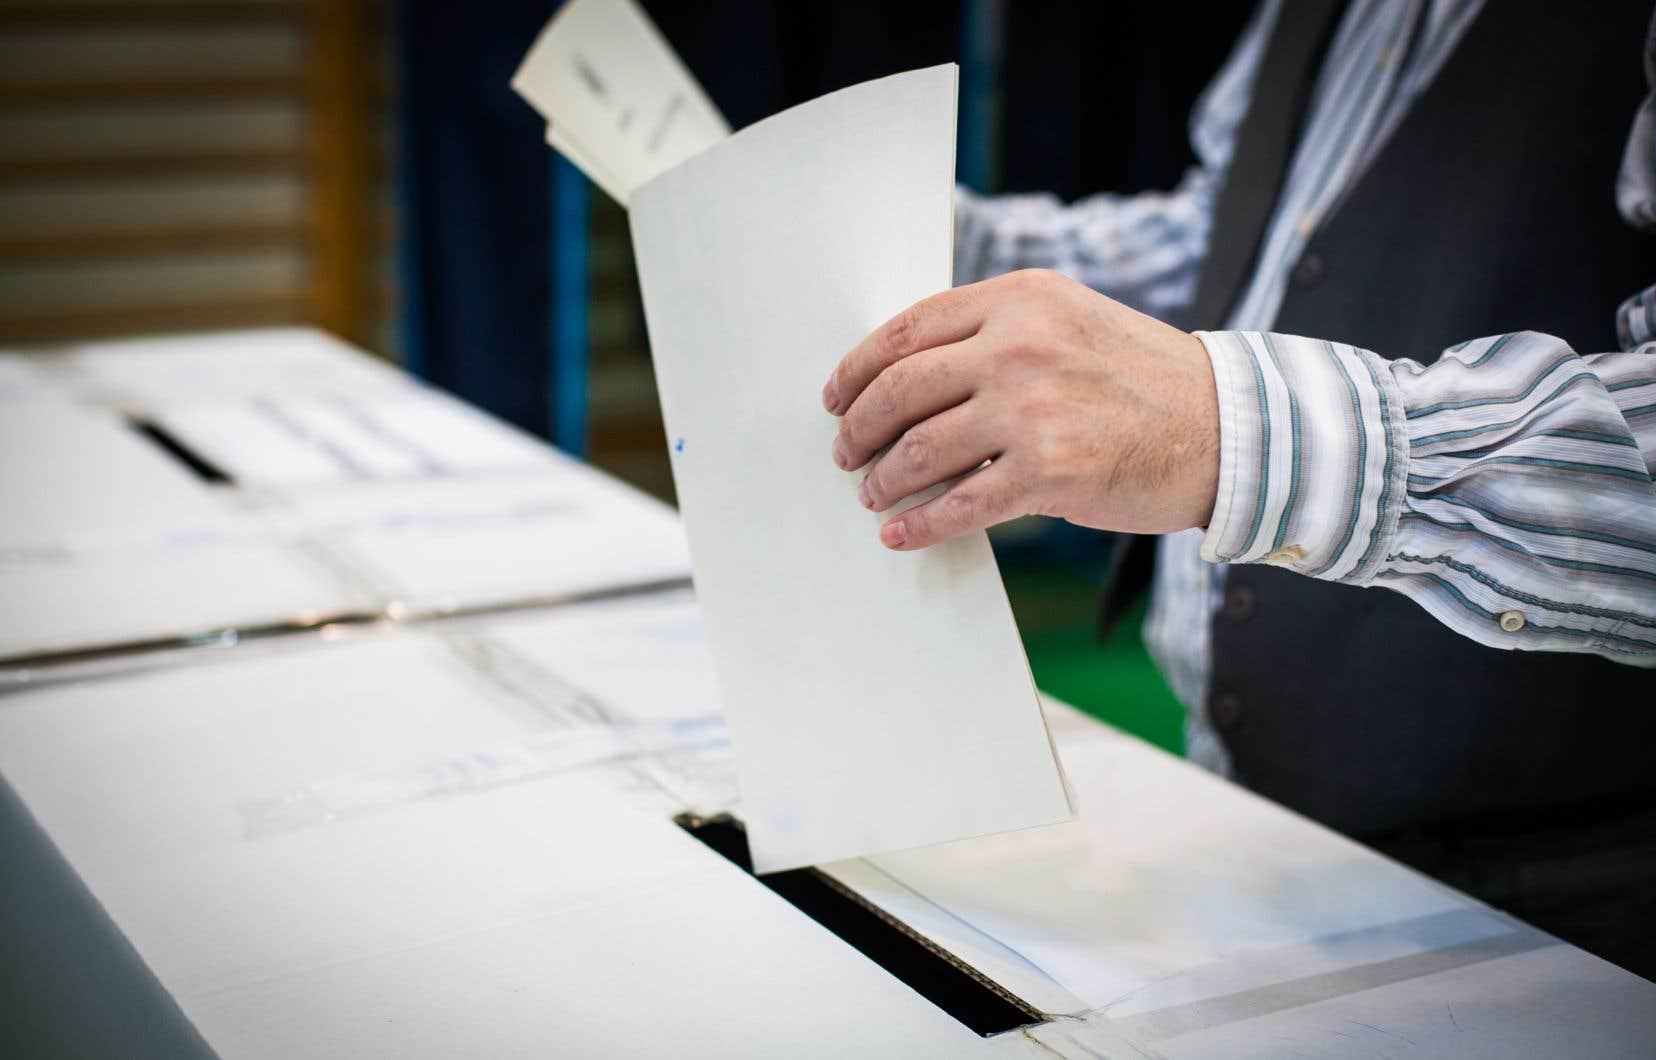 Les élections scolaires sont maintenues dans les communautés anglophones.